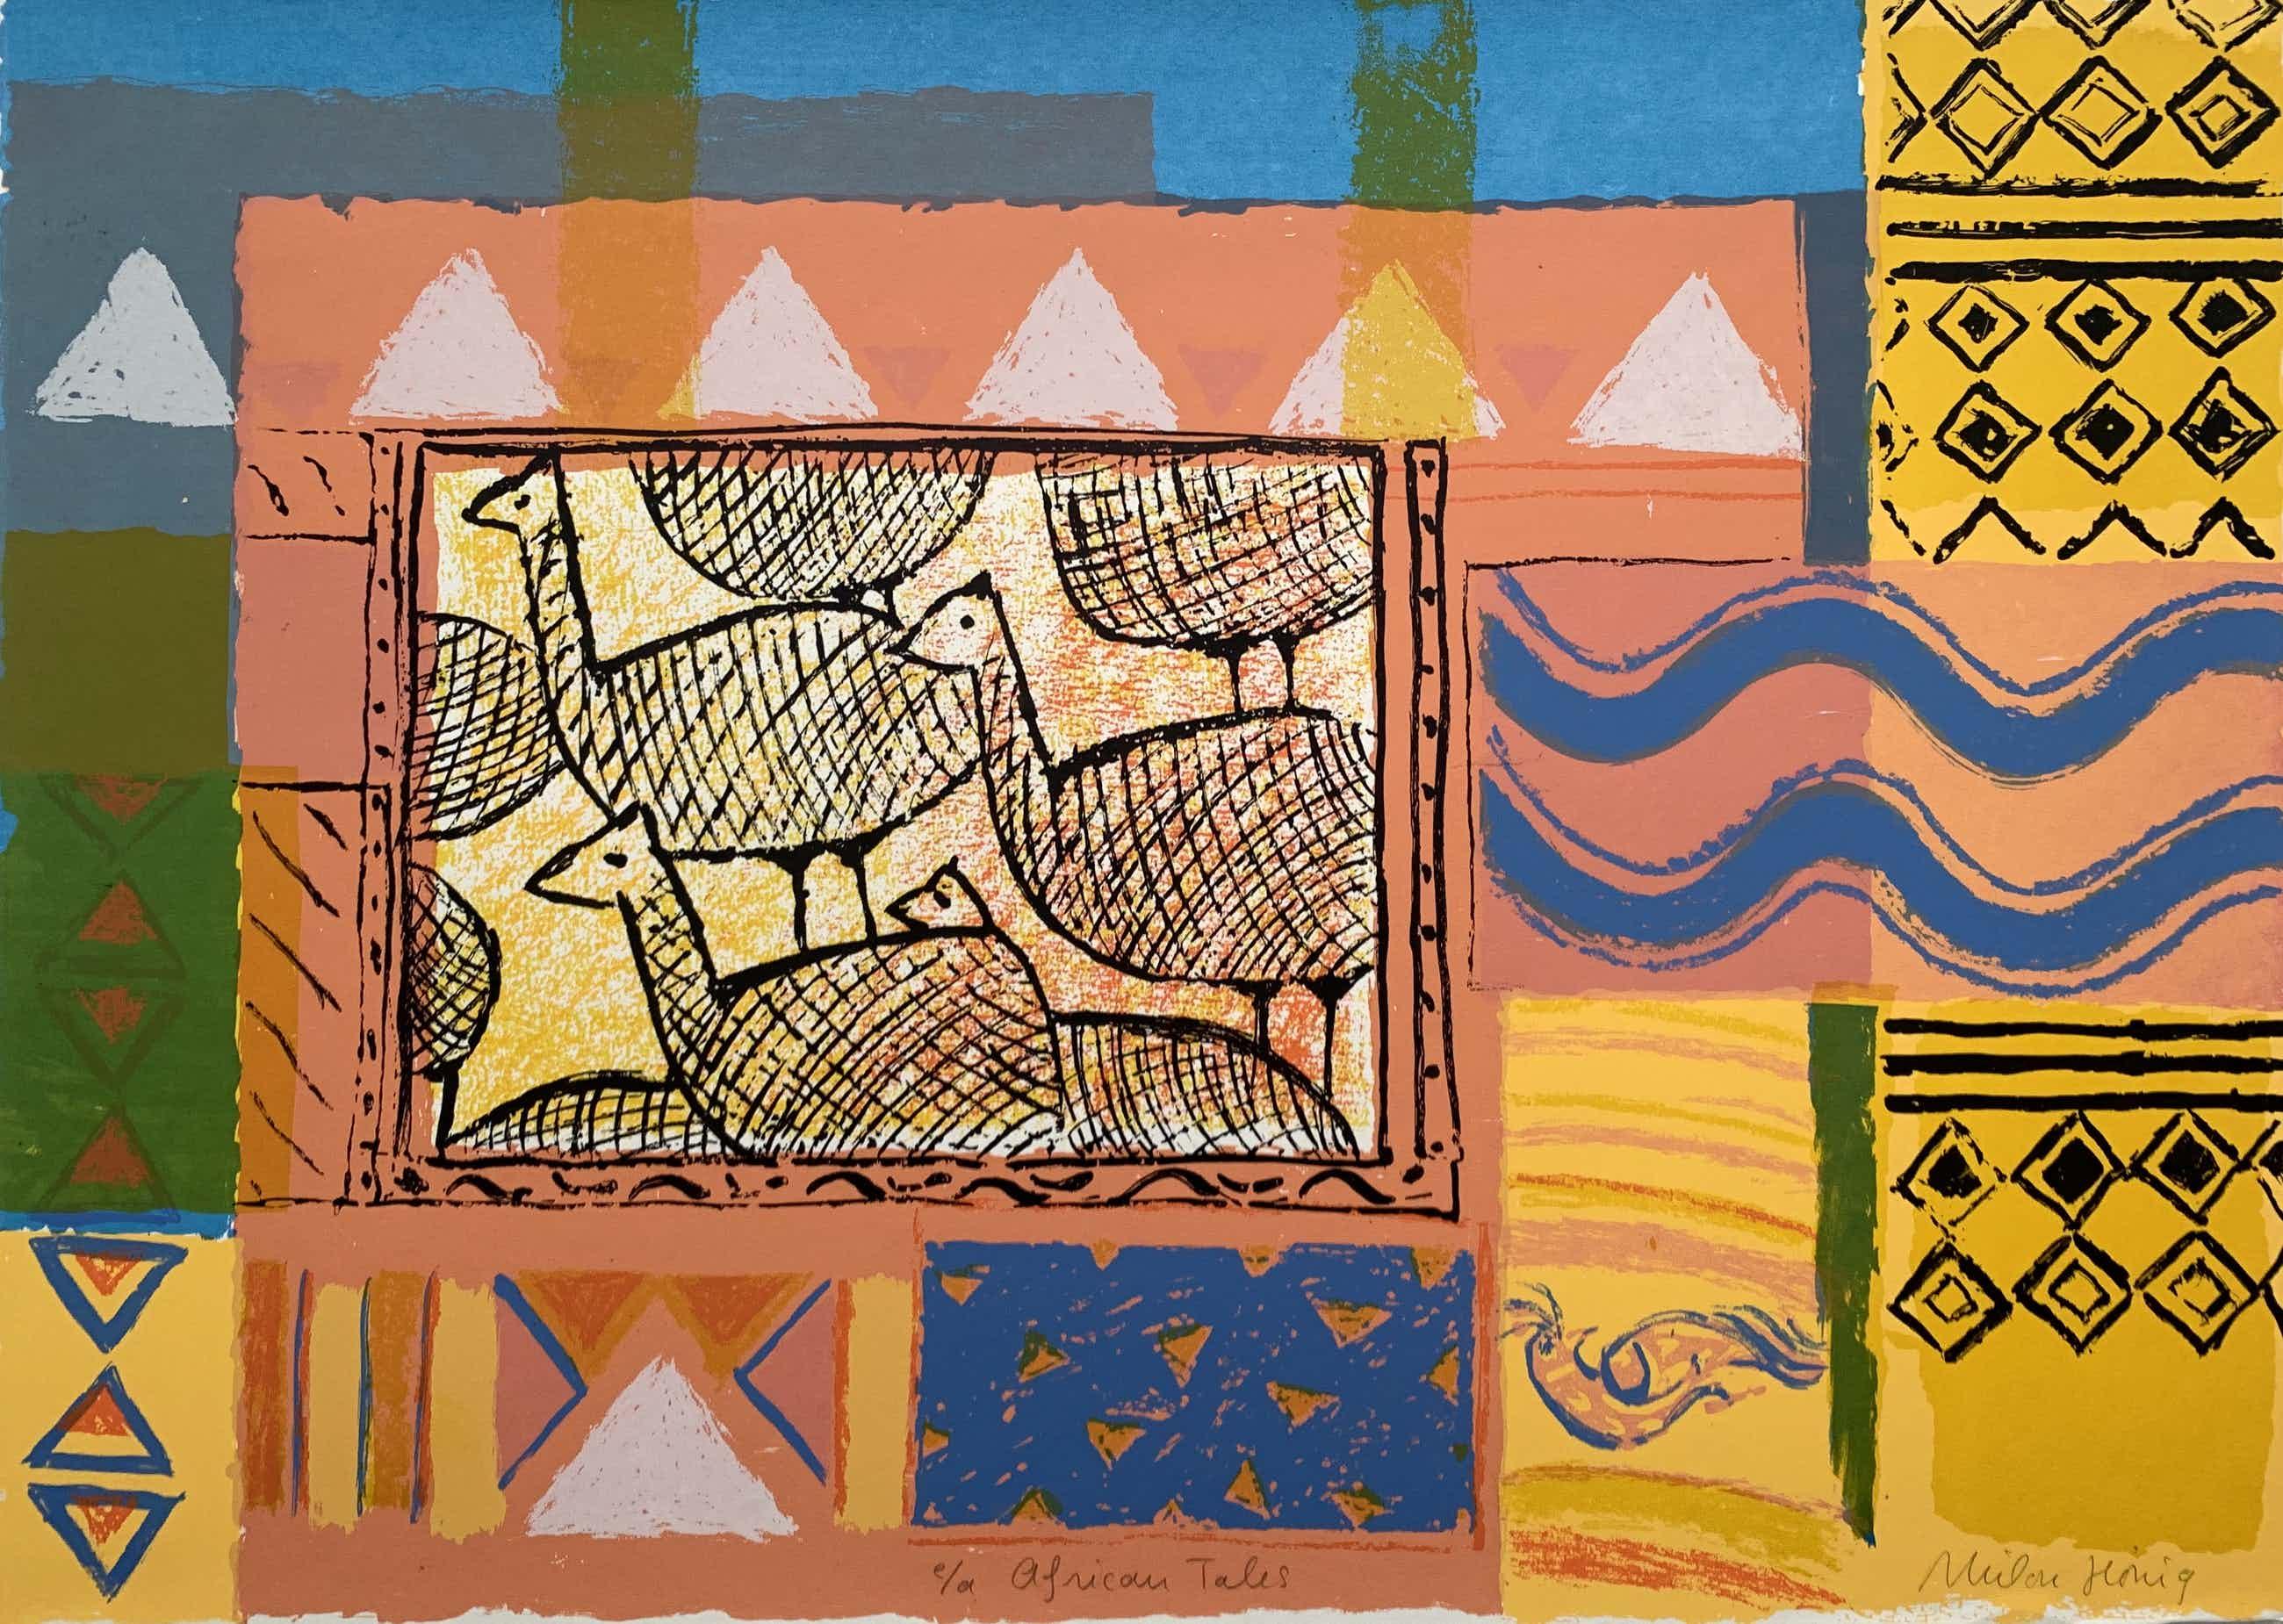 Milou Honig - kleurenzeefdruk | 'African tales' | épreuve d'artiste kopen? Bied vanaf 40!